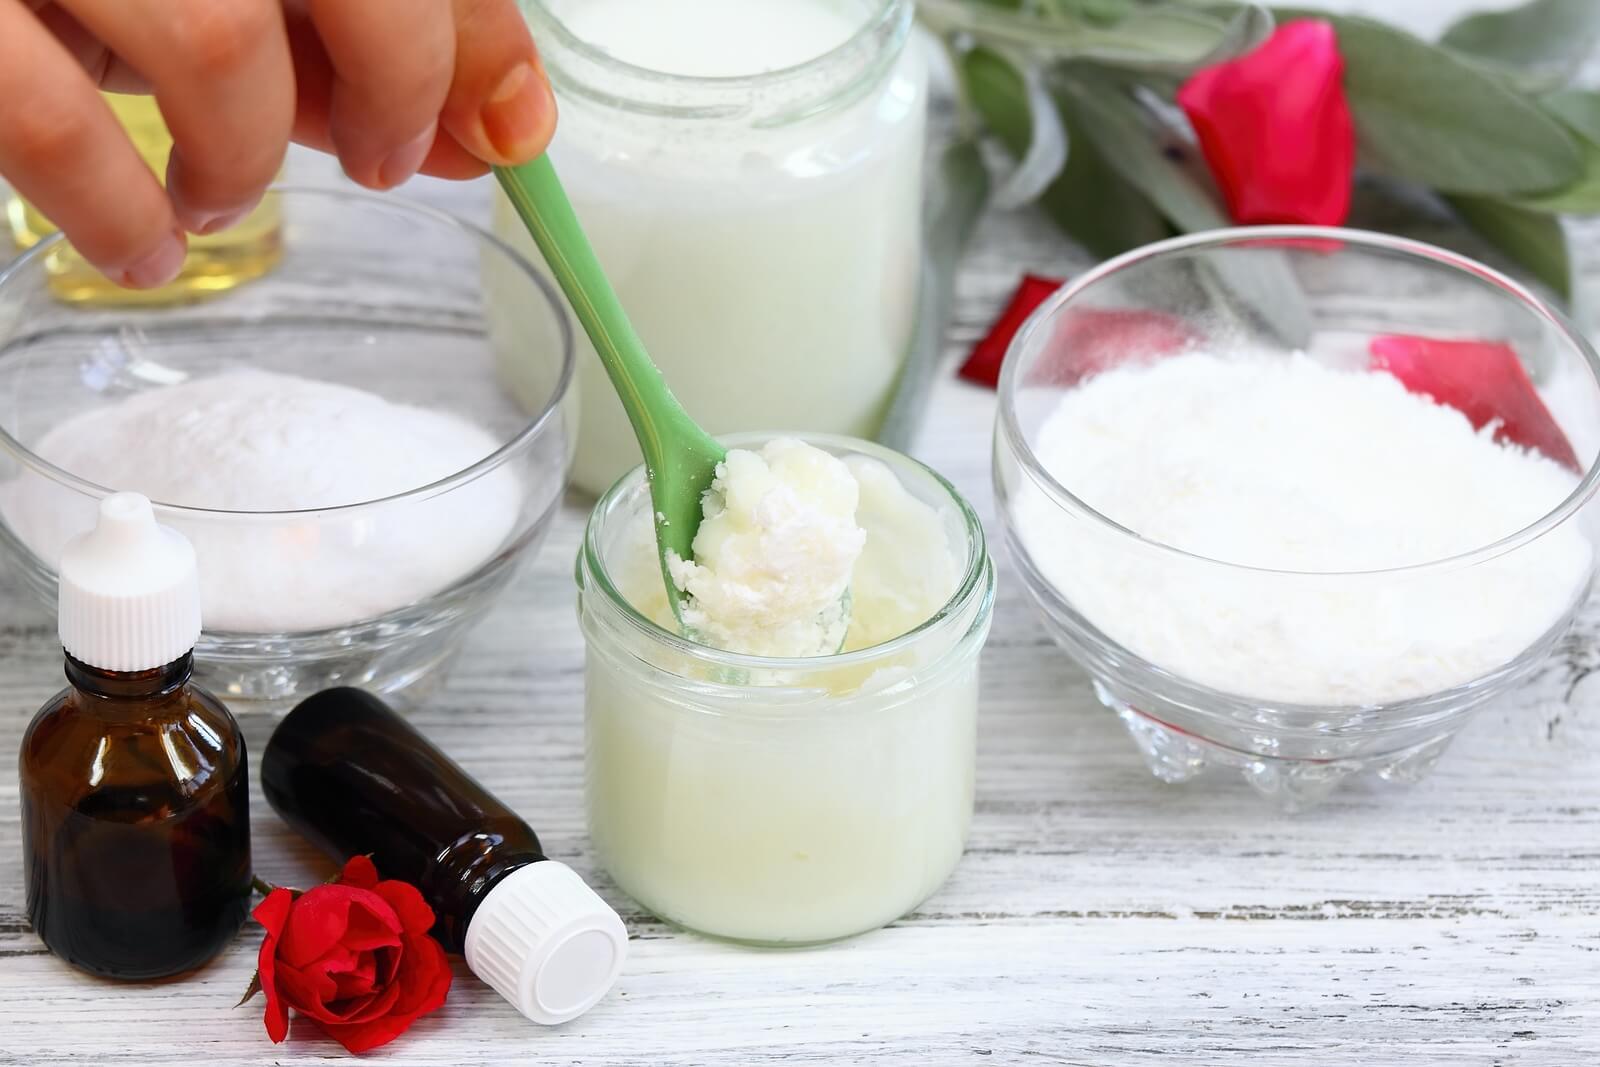 Ingredientes para los desodorantes caseros a base de coco.